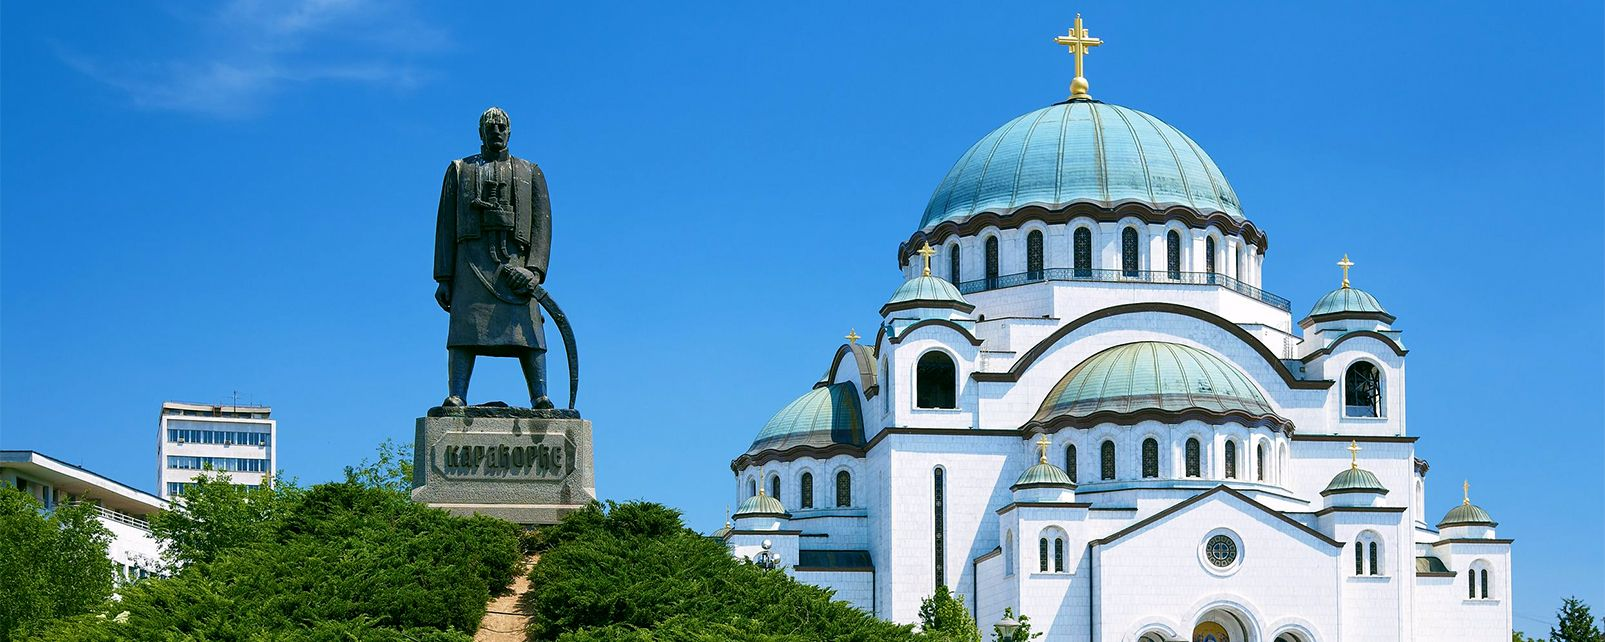 Le temple de Saint-sava, Les monuments et les balades, Serbie